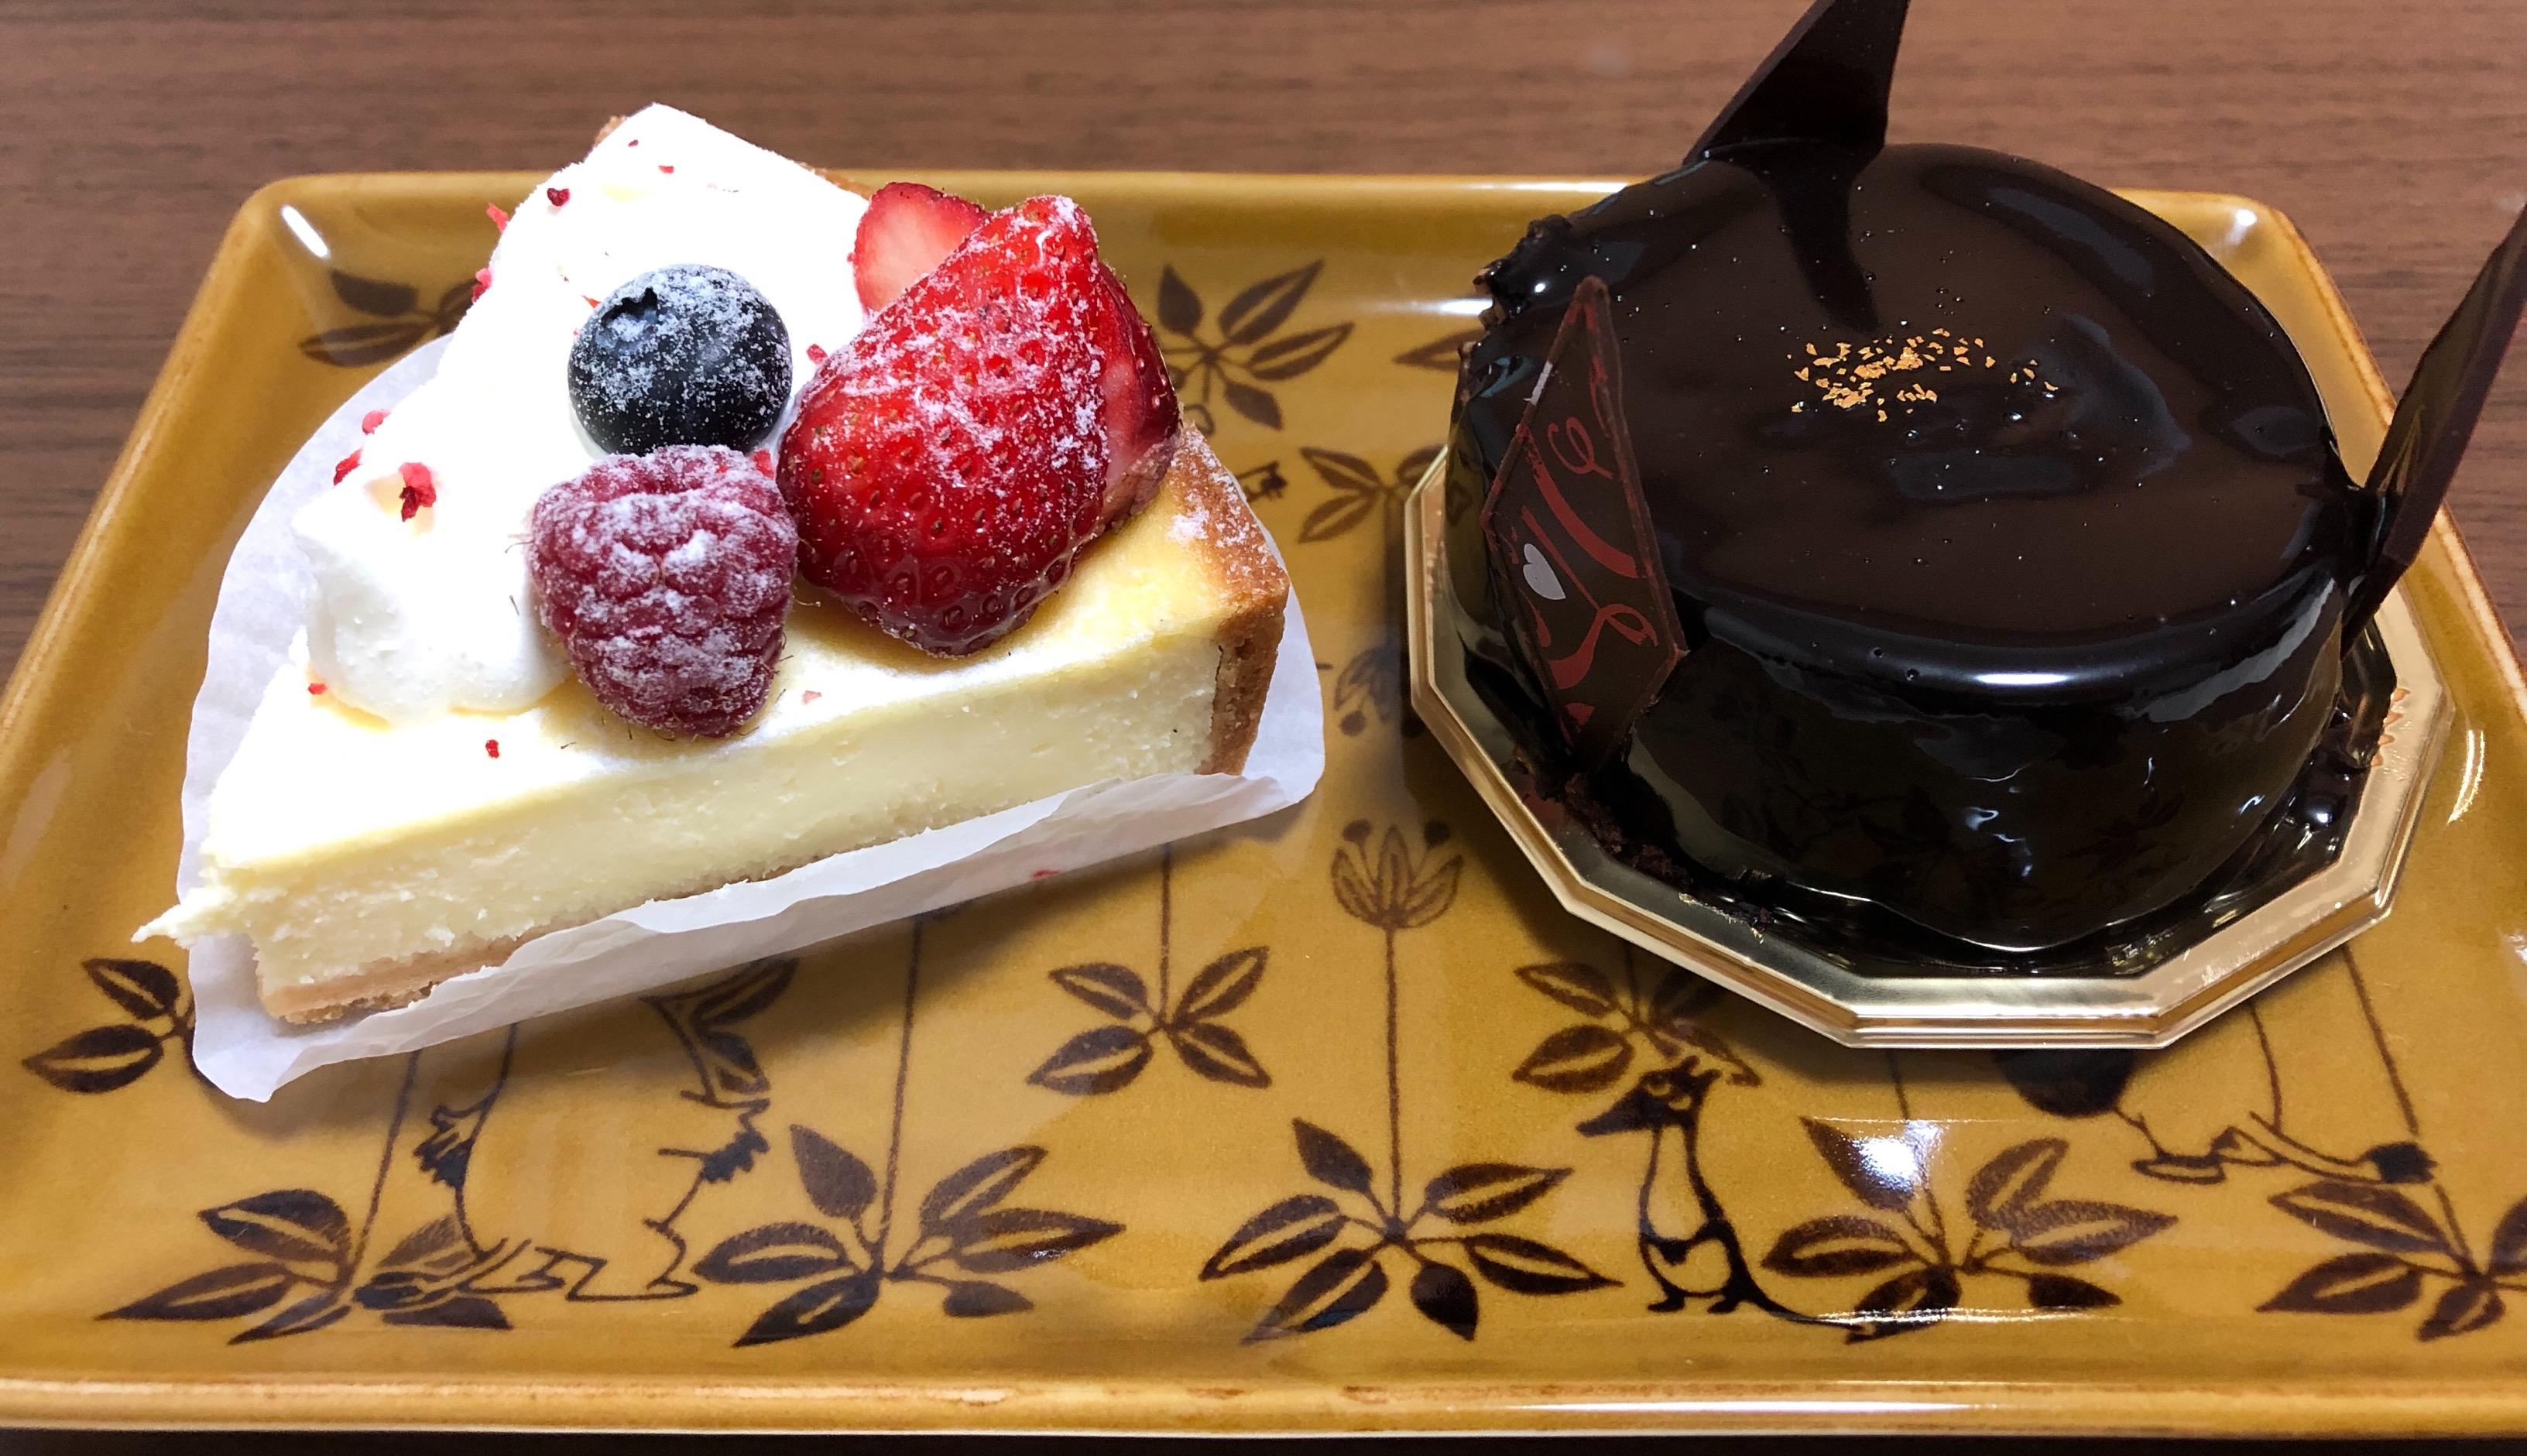 ベルパエーゼ上尾店でケーキをテイクアウトしてみた!甘さ控えめで食後のデザートにぴったり!